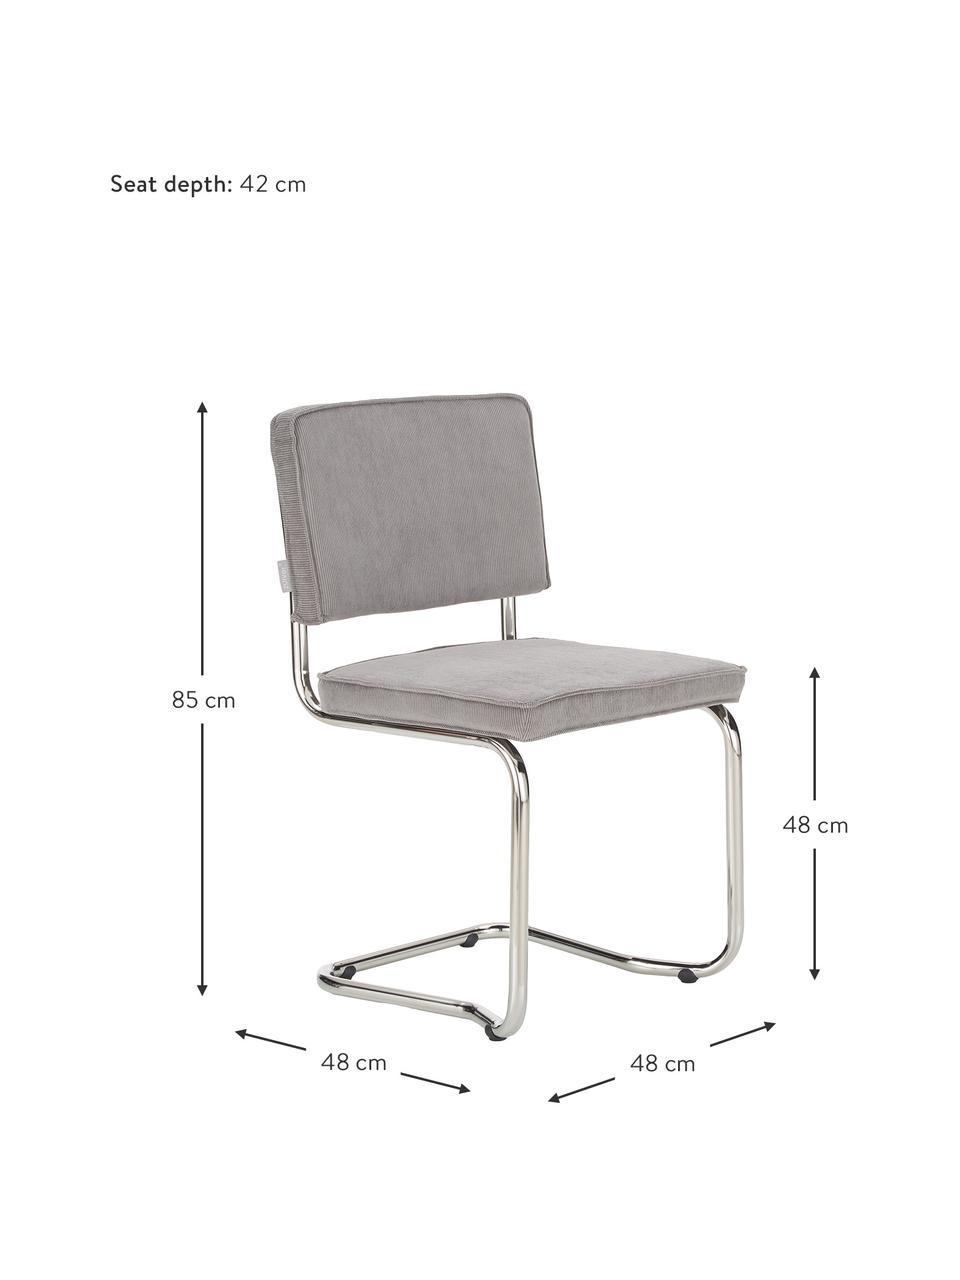 Sedia cantilever  in velluto a coste grigio chiaro Kink, Rivestimento: 88% nylon, 12% poliestere, Struttura: metallo cromato, Velluto a coste grigio chiaro, Larg. 48 x Prof. 48 cm